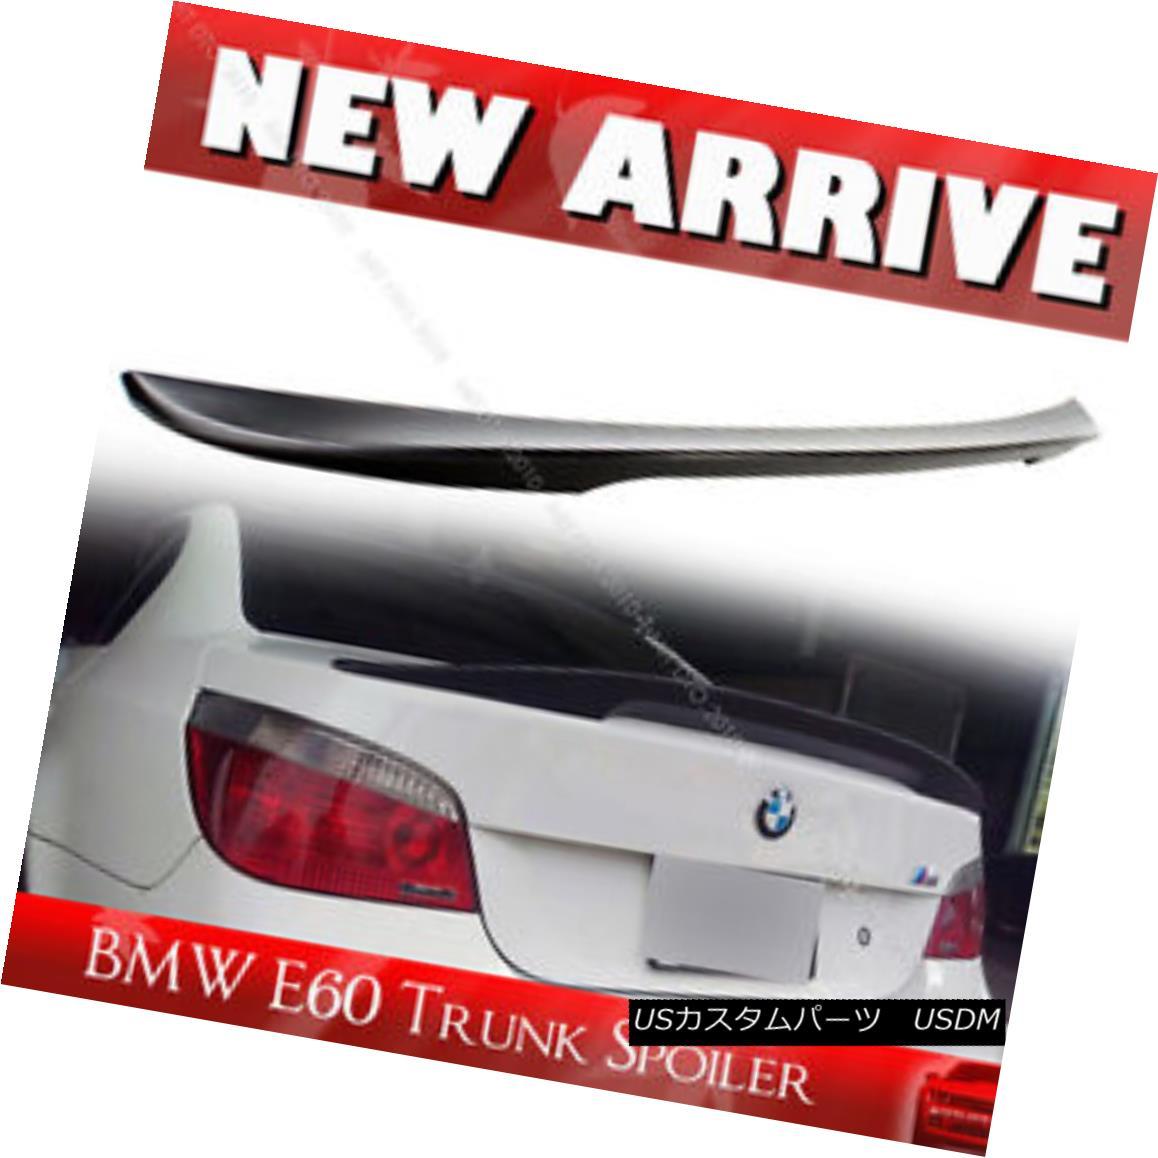 エアロパーツ Painted For BMW 5-Series E60 4D High Kick P Style Trunk Spoiler 06-10 525i 530i BMW 5シリーズE60 4DハイキックPスタイルトランクスポイラー06-10 525i 530i用